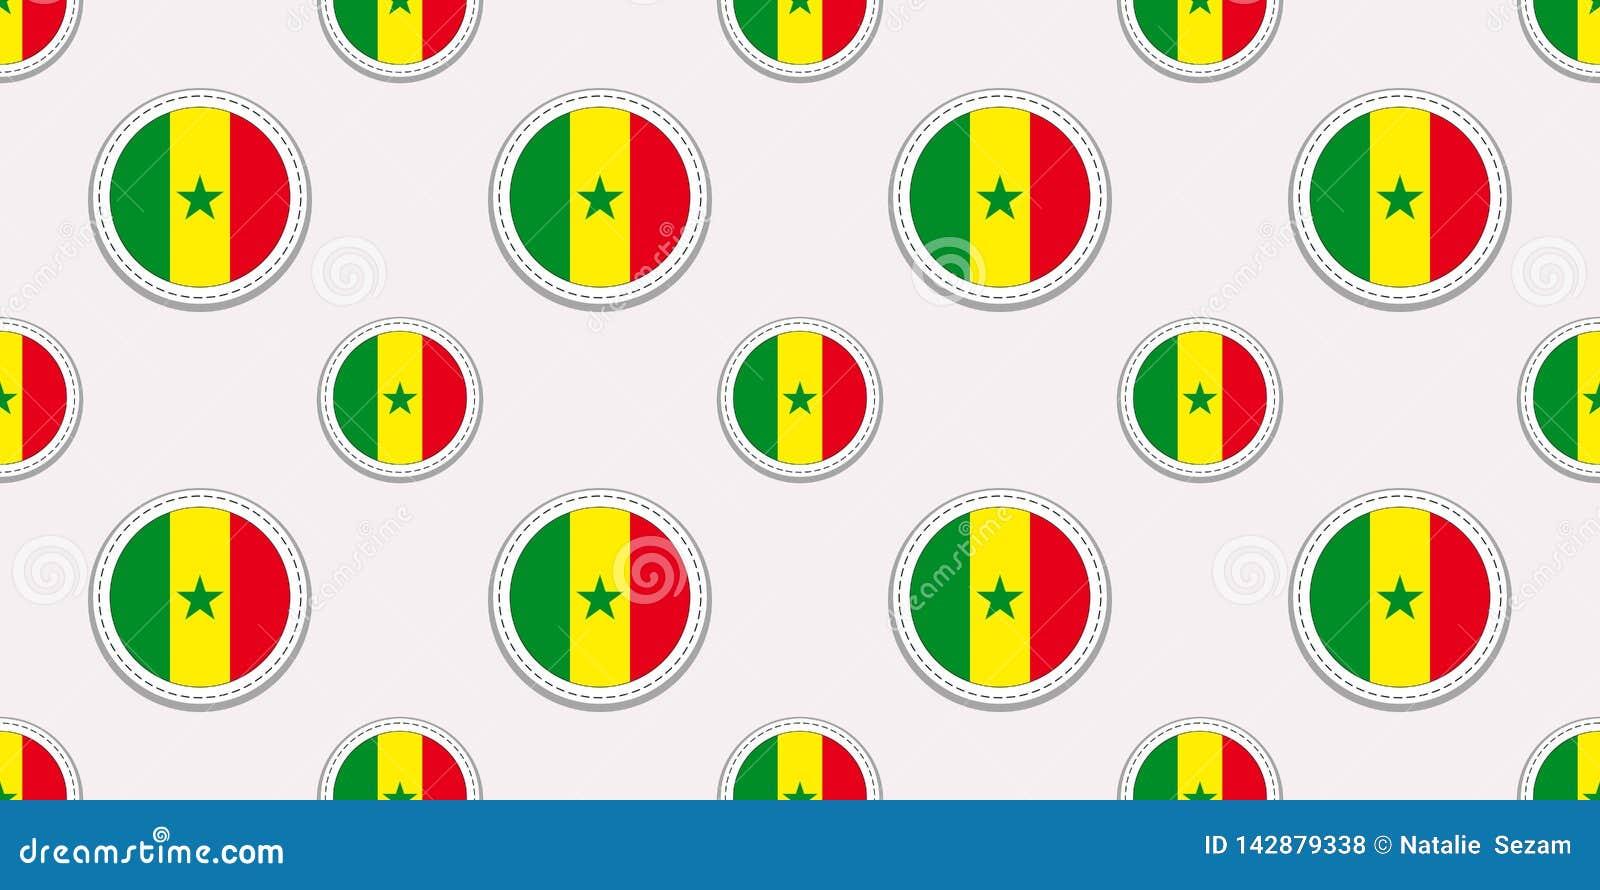 Σενεγάλη γύρω από το άνευ ραφής σχέδιο σημαιών Σενεγαλέζικο υπόβαθρο Διανυσματικά εικονίδια κύκλων Γεωμετρικές αυτοκόλλητες ετικέ